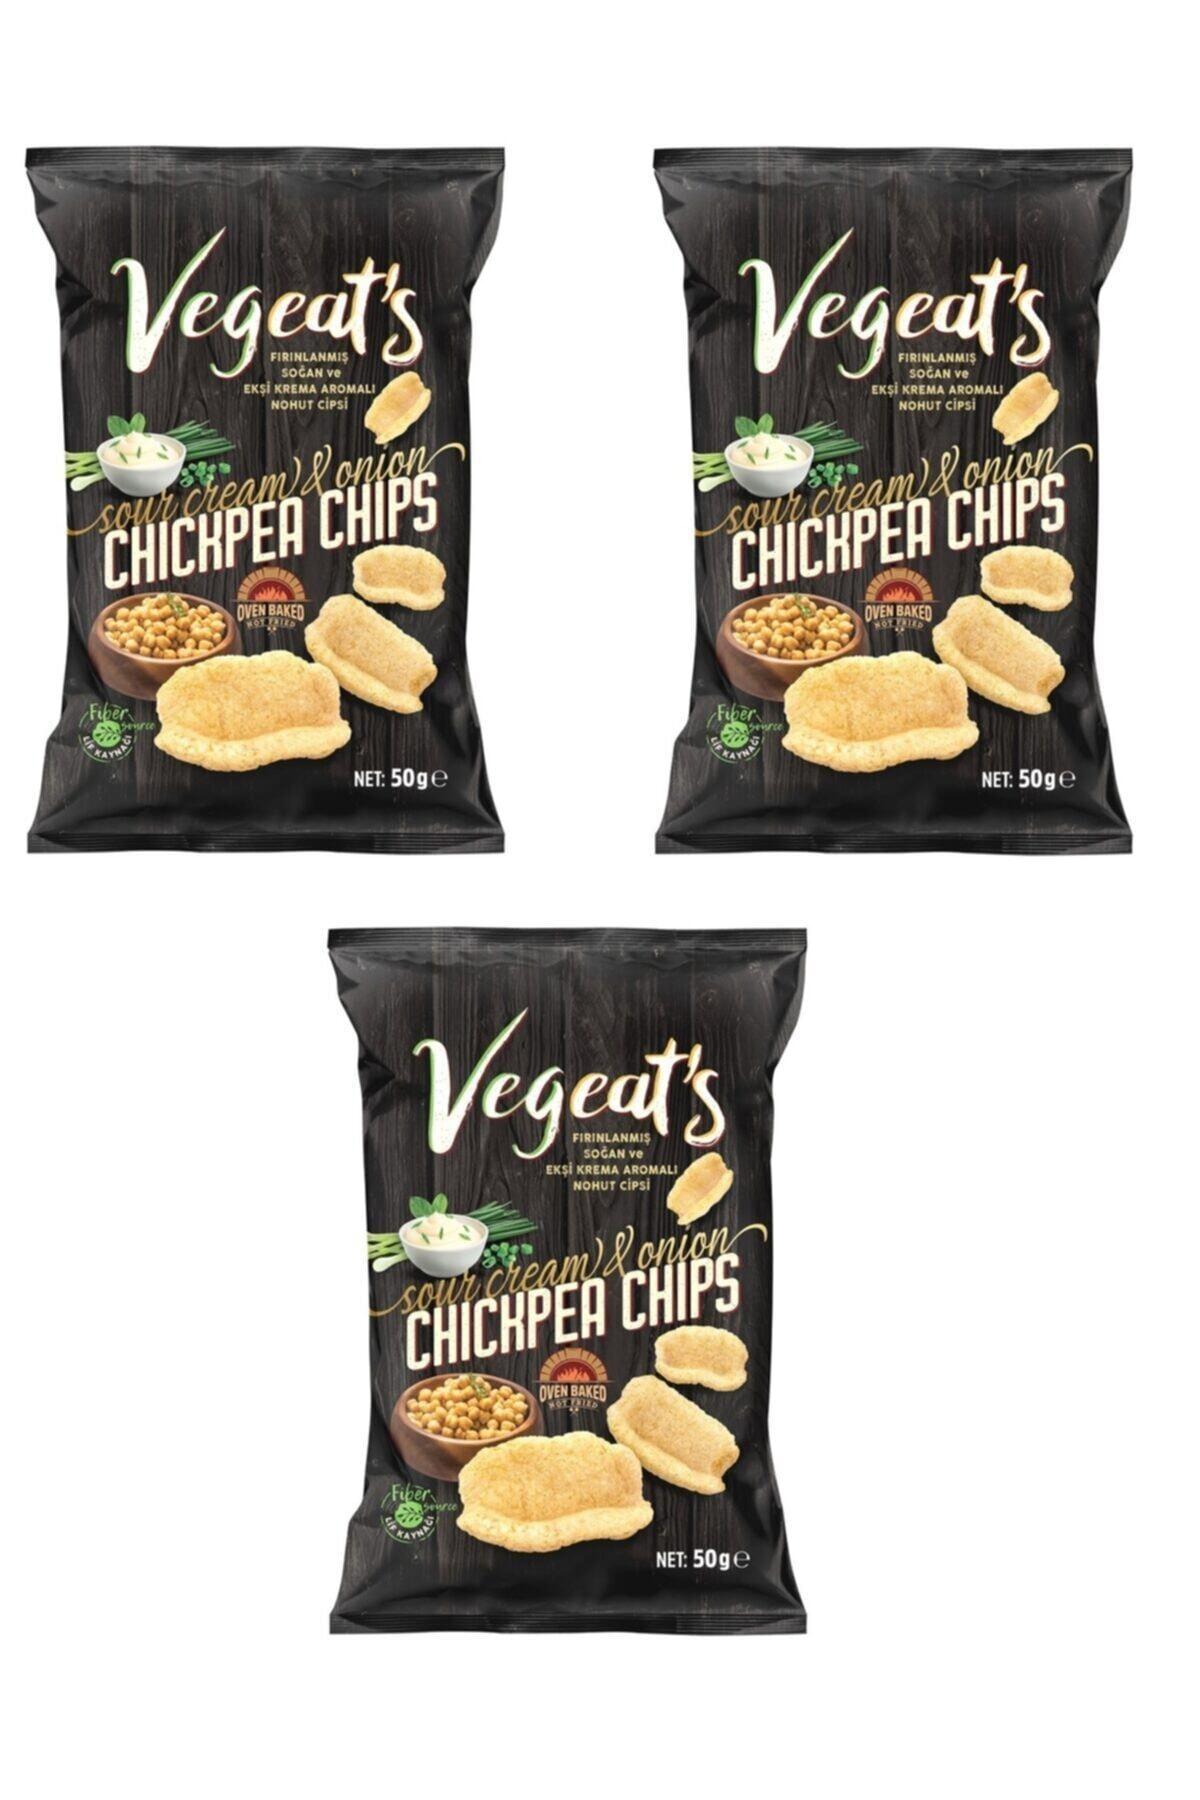 Vegeats Vegeat's Fırınlanmış Ekşi Krema & Soğanlı Nohut Cipsi 3 Adet 1